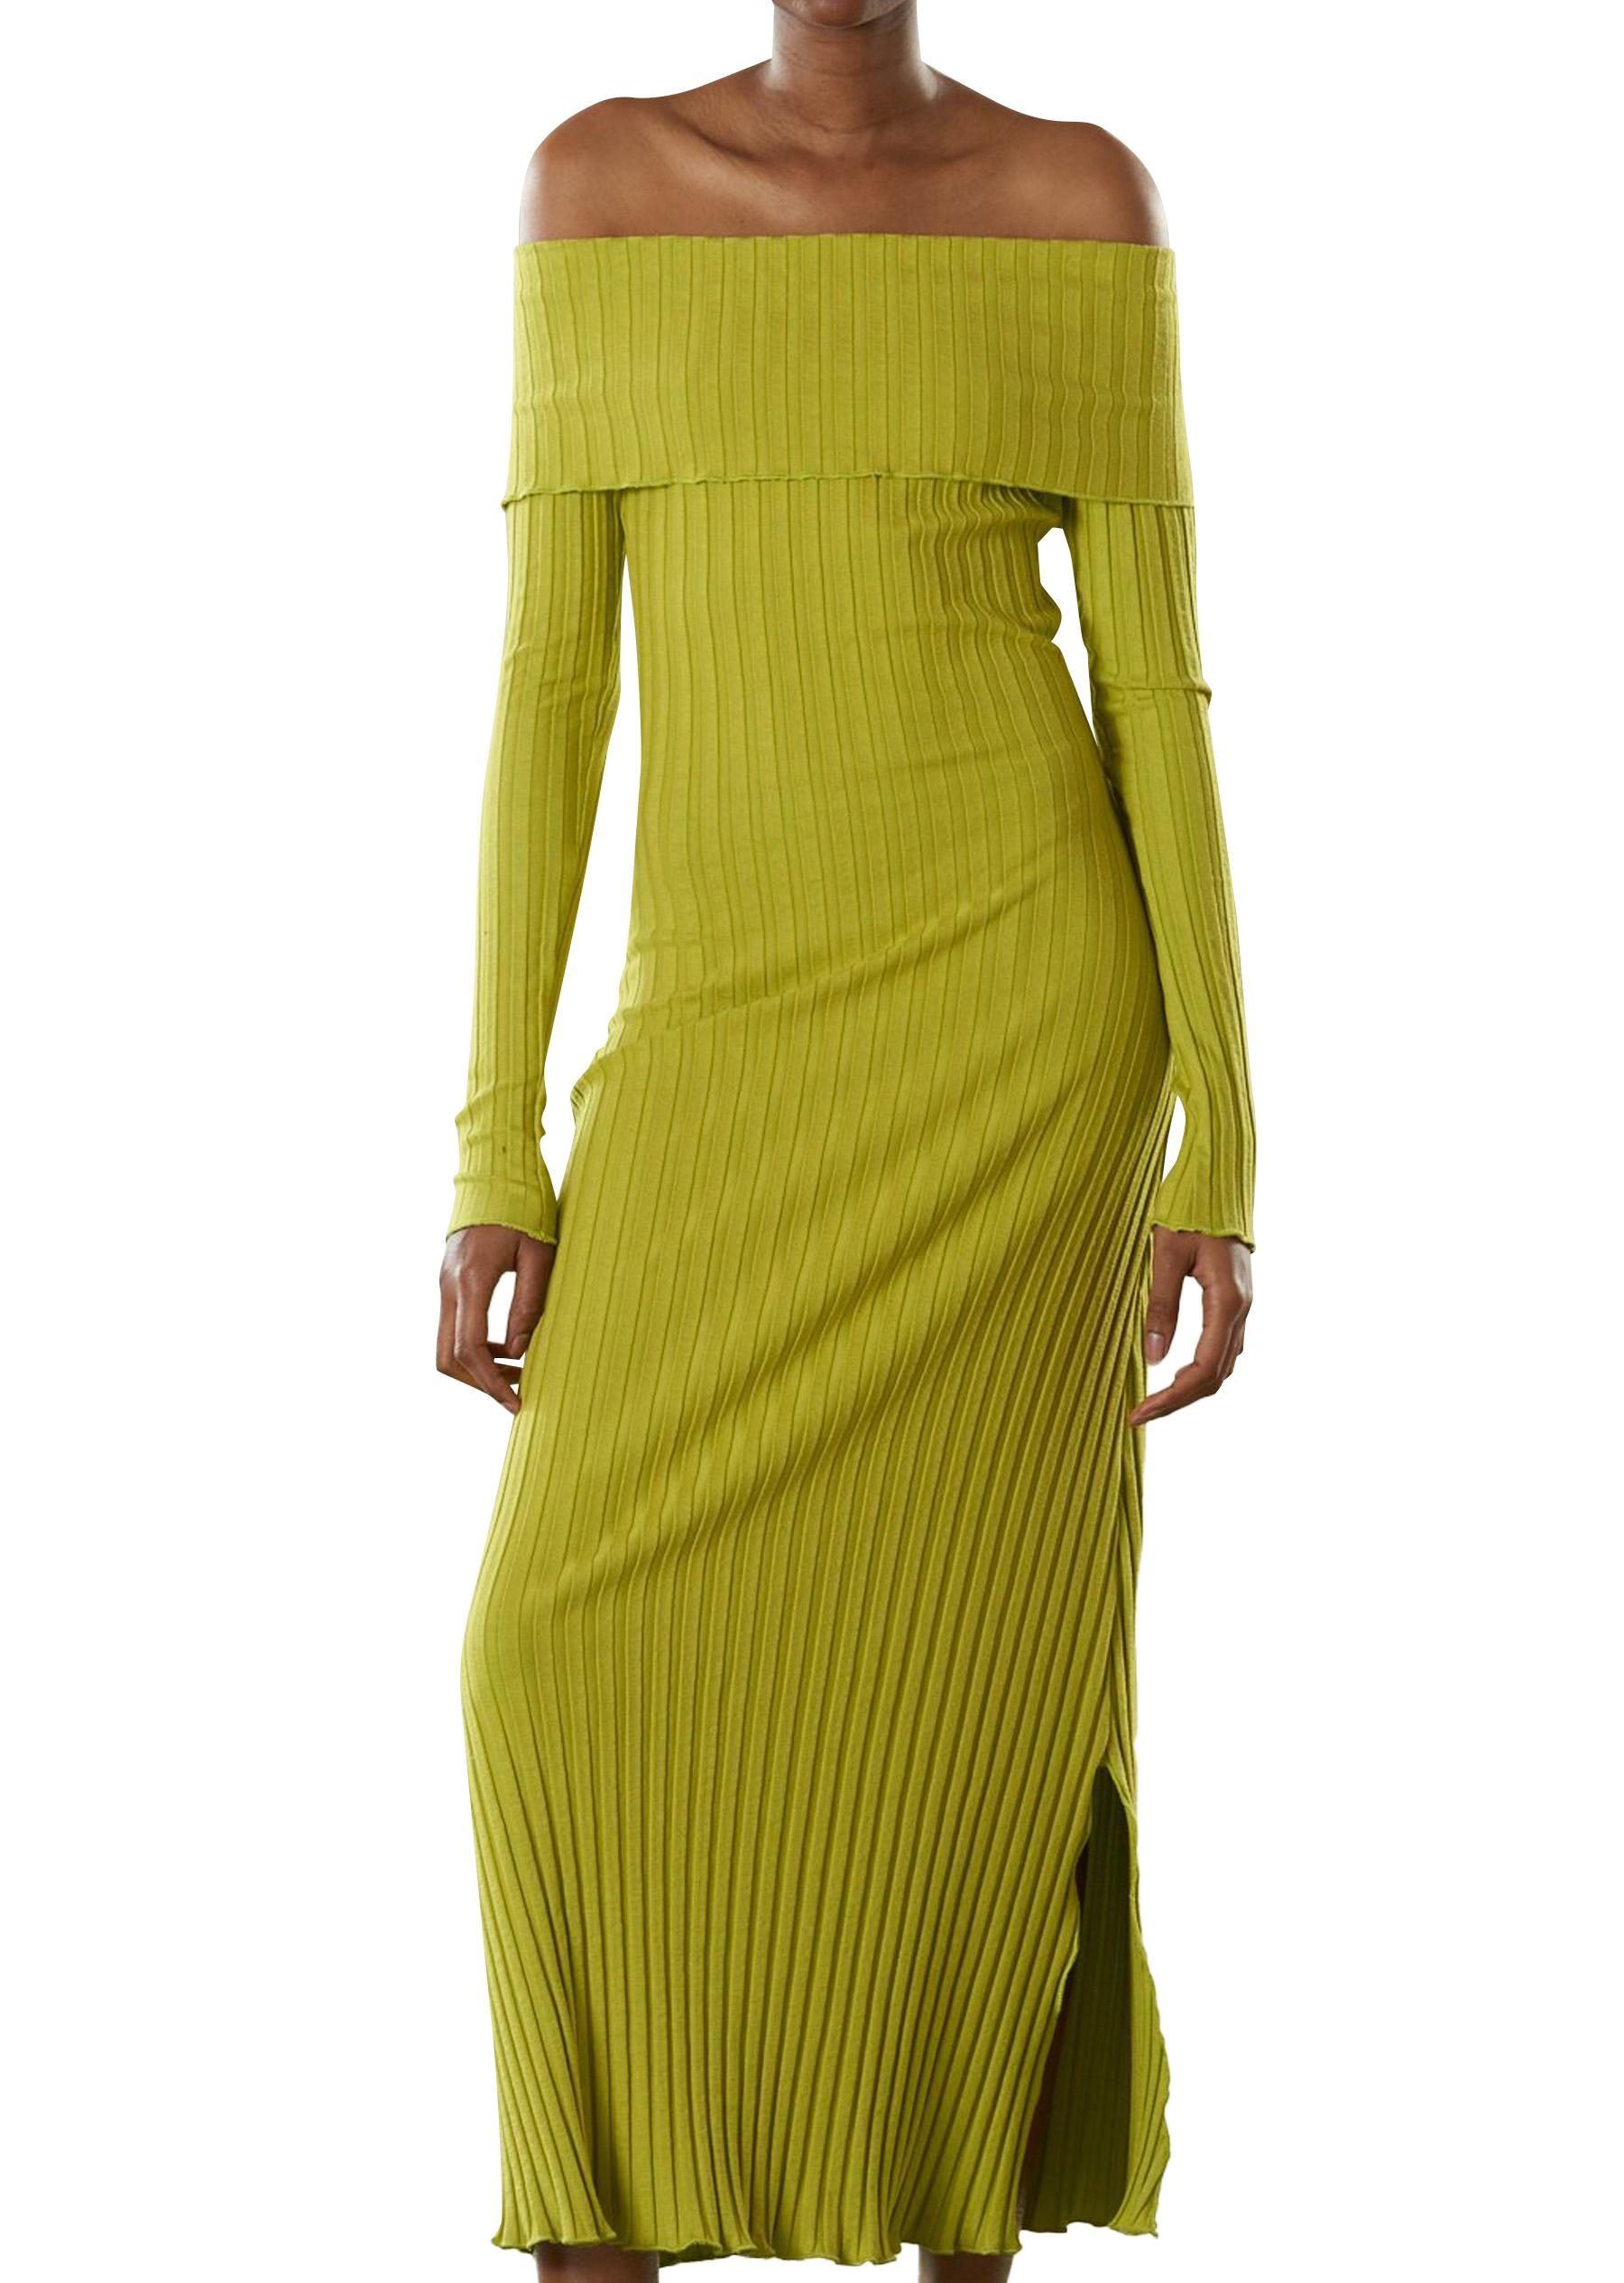 RIB Espen Dress in Celery by Simon Miller - 1